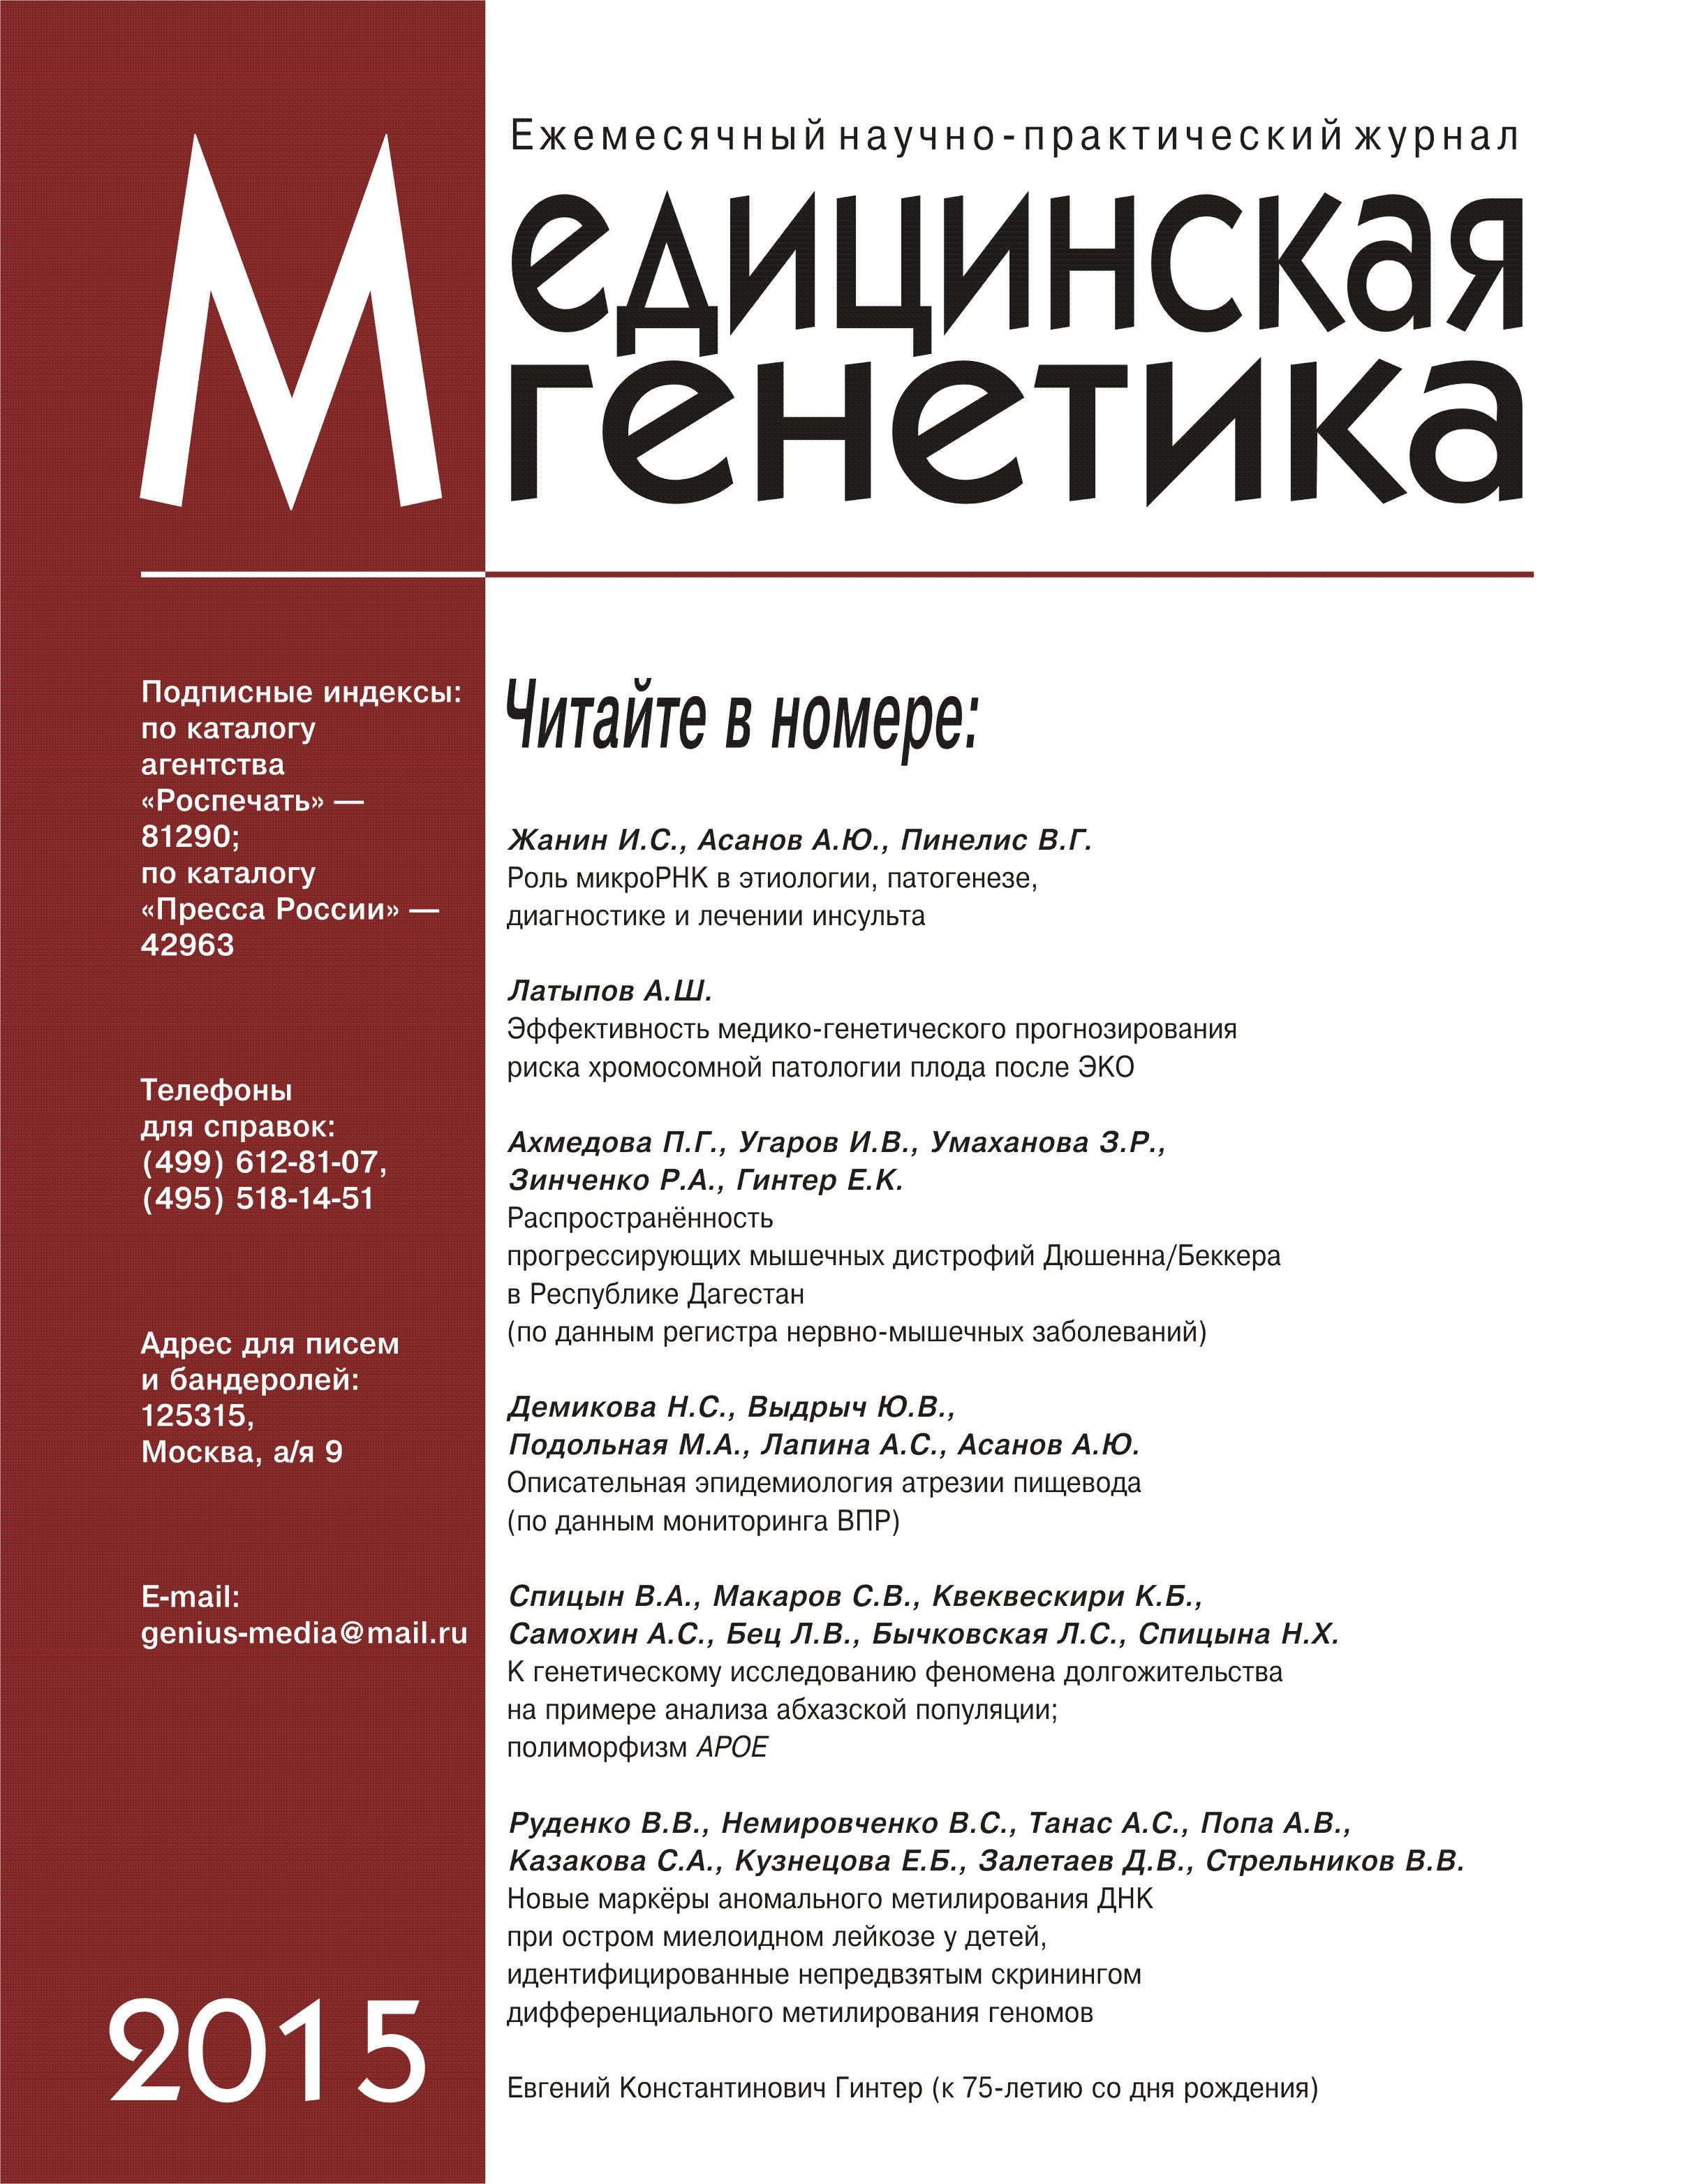 Оформление медицинской книжки в Климовске юао